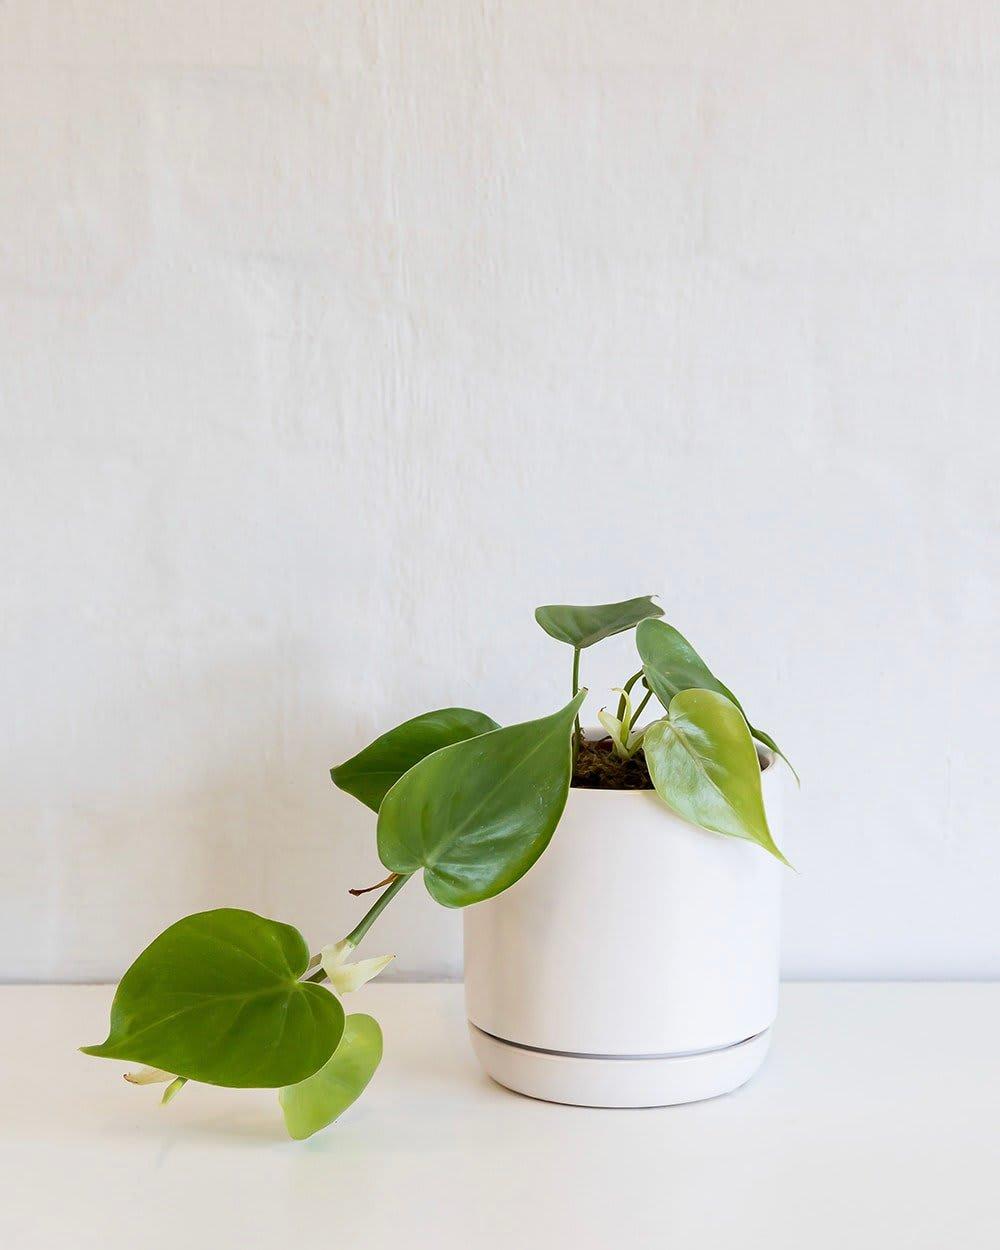 Philodendron Cordatatun